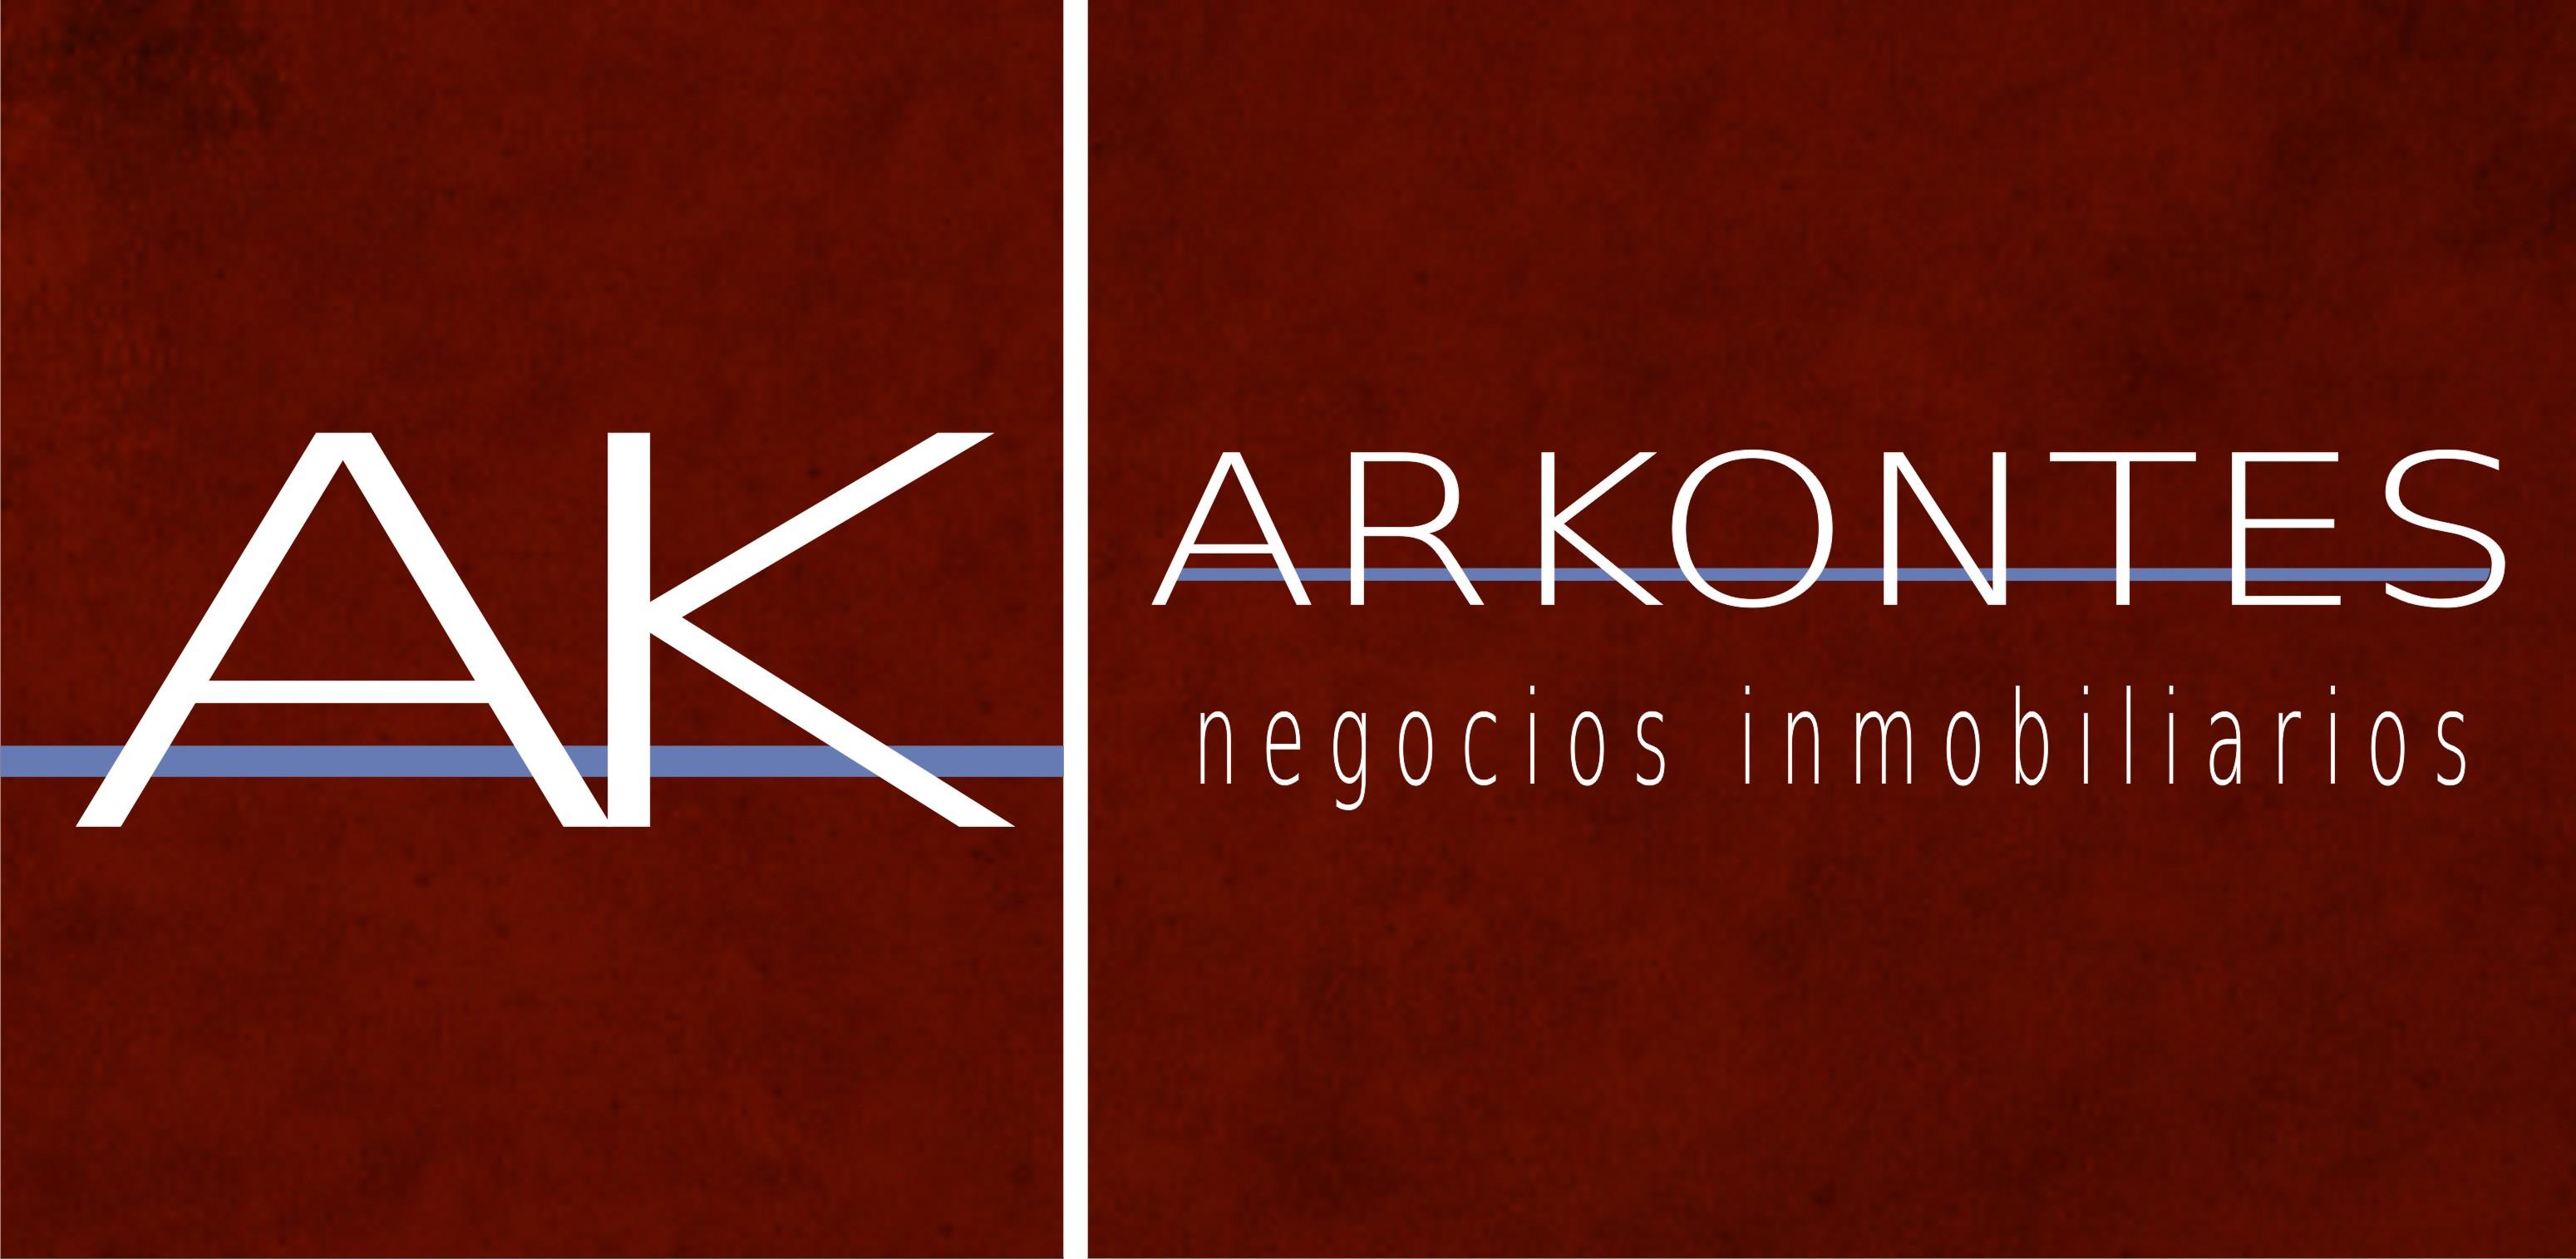 ARKONTES